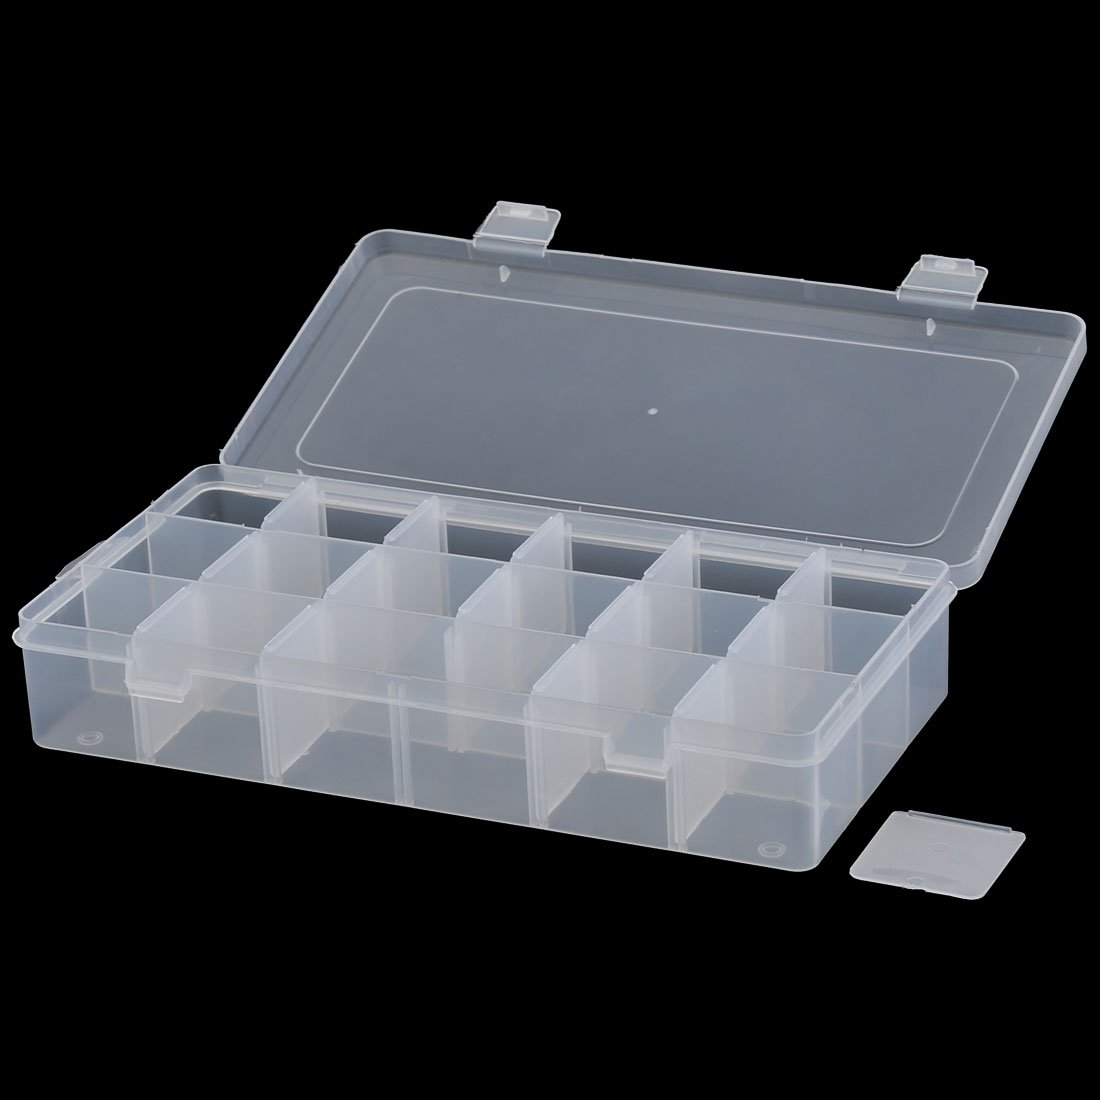 La Joyer/ía Pl/ástica De Rect/ángulo De 18 Compartimentos De Almacenamiento Ajustable Envase De Caso